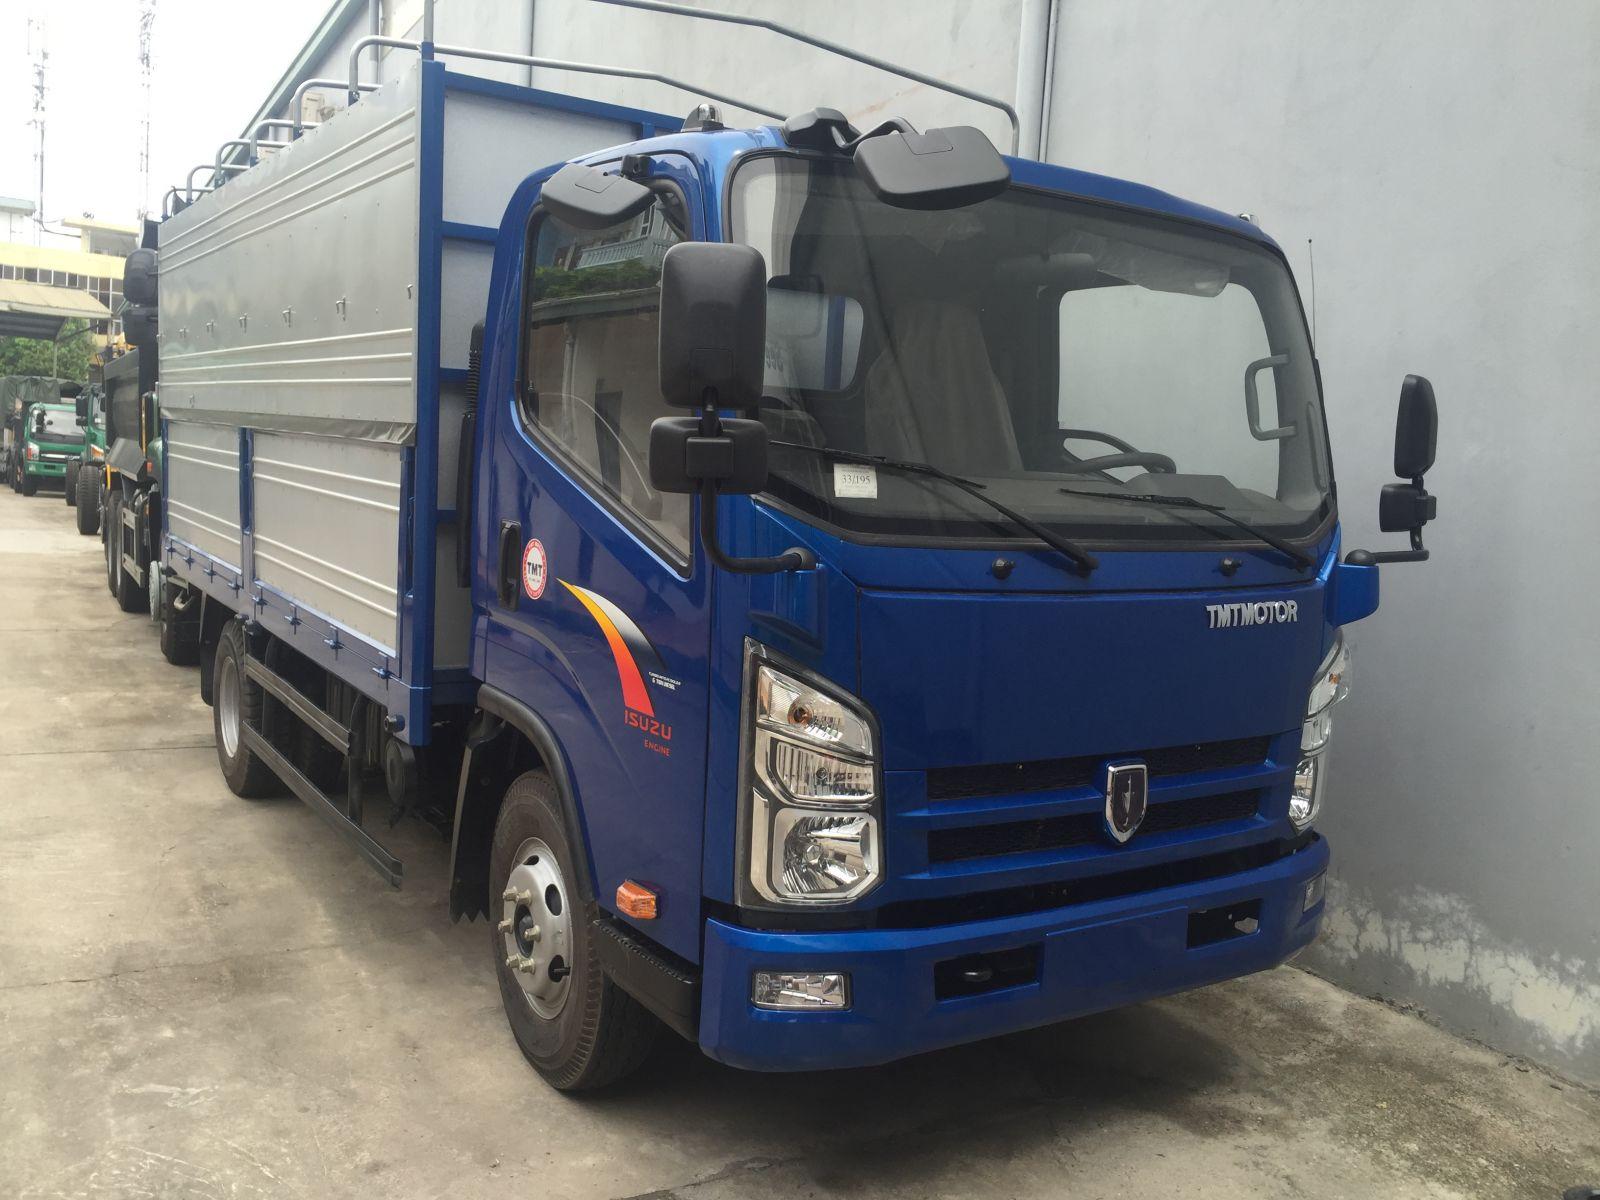 Bán xe tải cửu long 2.5 tấn / 2.4 tấn động cơ isuzu D4BH đời 2016 1 cầu giá rẻ